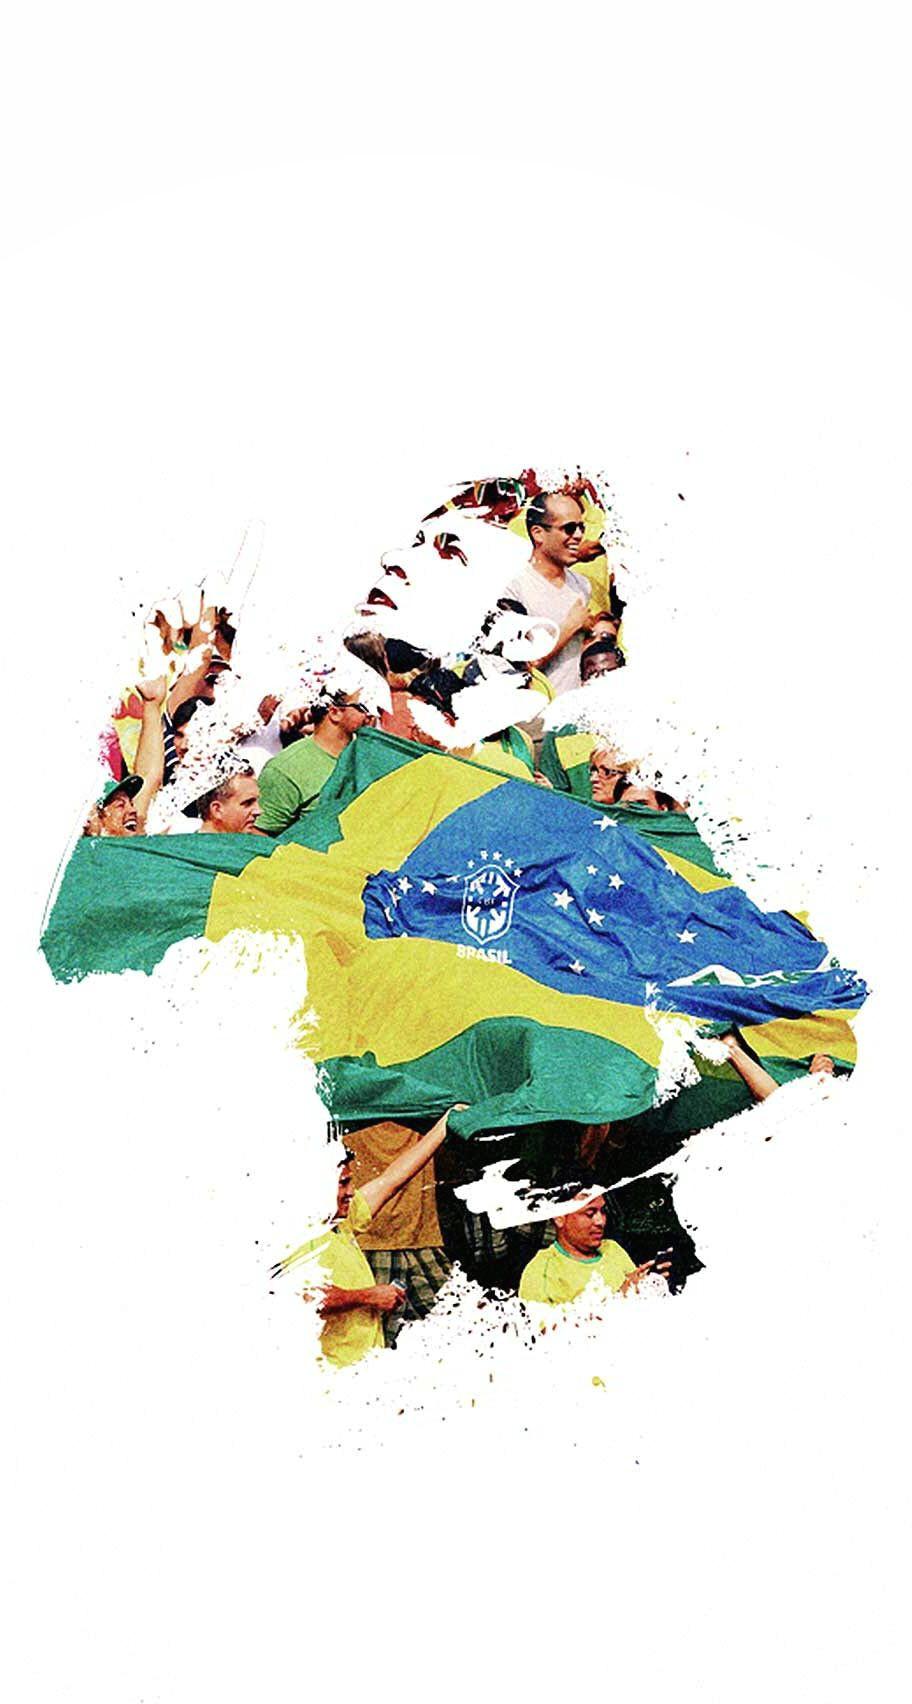 he is the god of brazil a c neymar jr wallpapers sports wallpapers neymar brazil